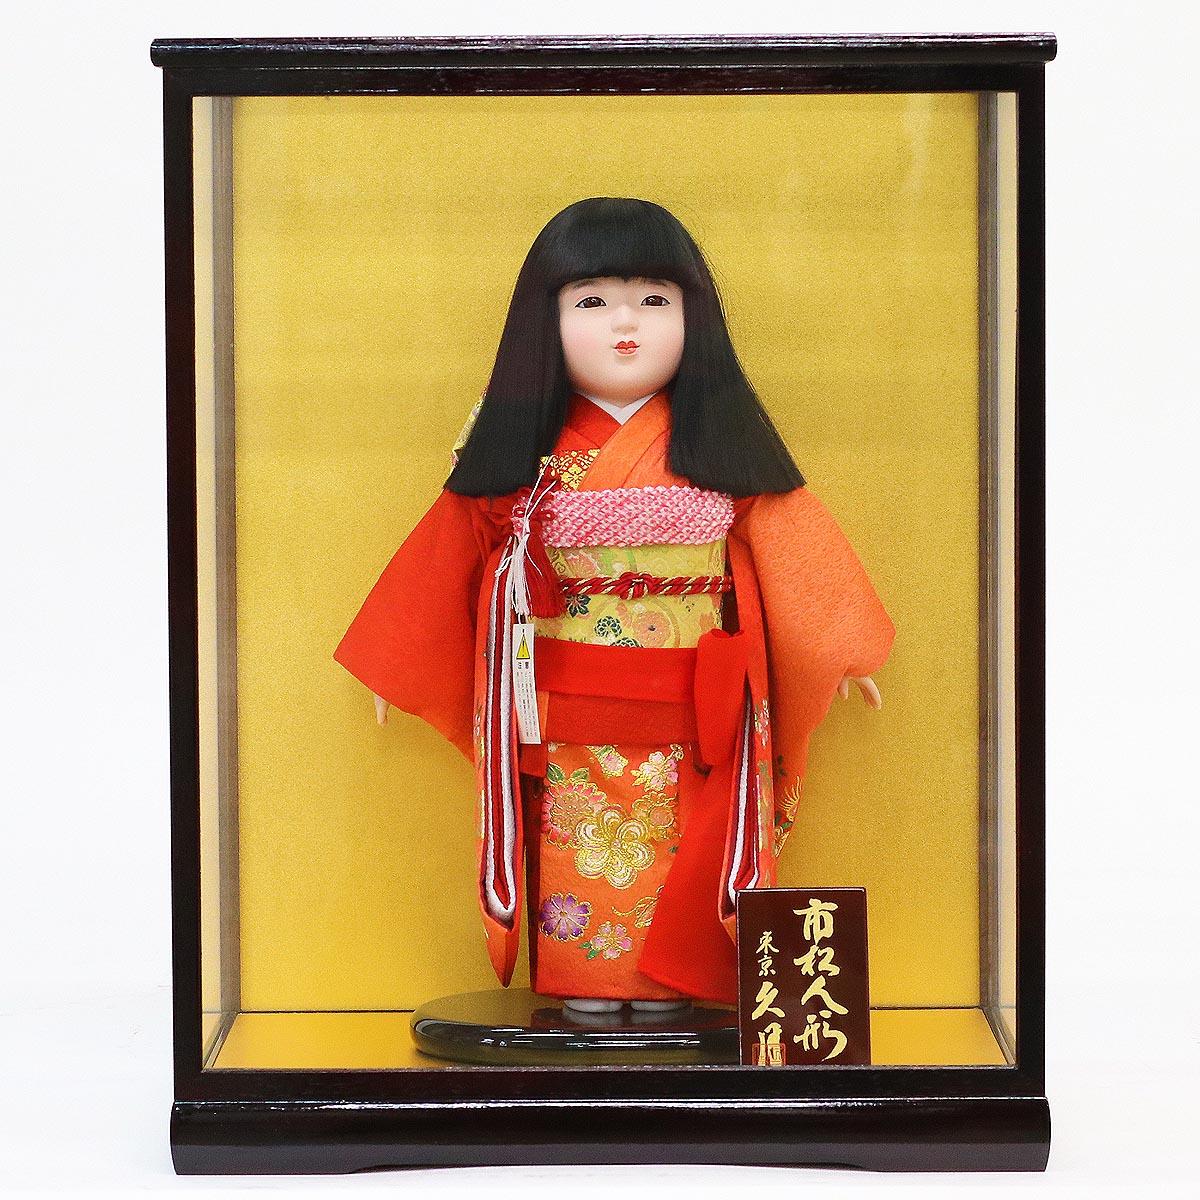 市松人形 久月 コンパクト 市松人形 久月作 市松人形 金彩朱宝尽くし ケース入り (HB45) 市松人形 HNQ-K10012G-4-C (HB45)市松人形 ひな人形 雛 小さい [P10]